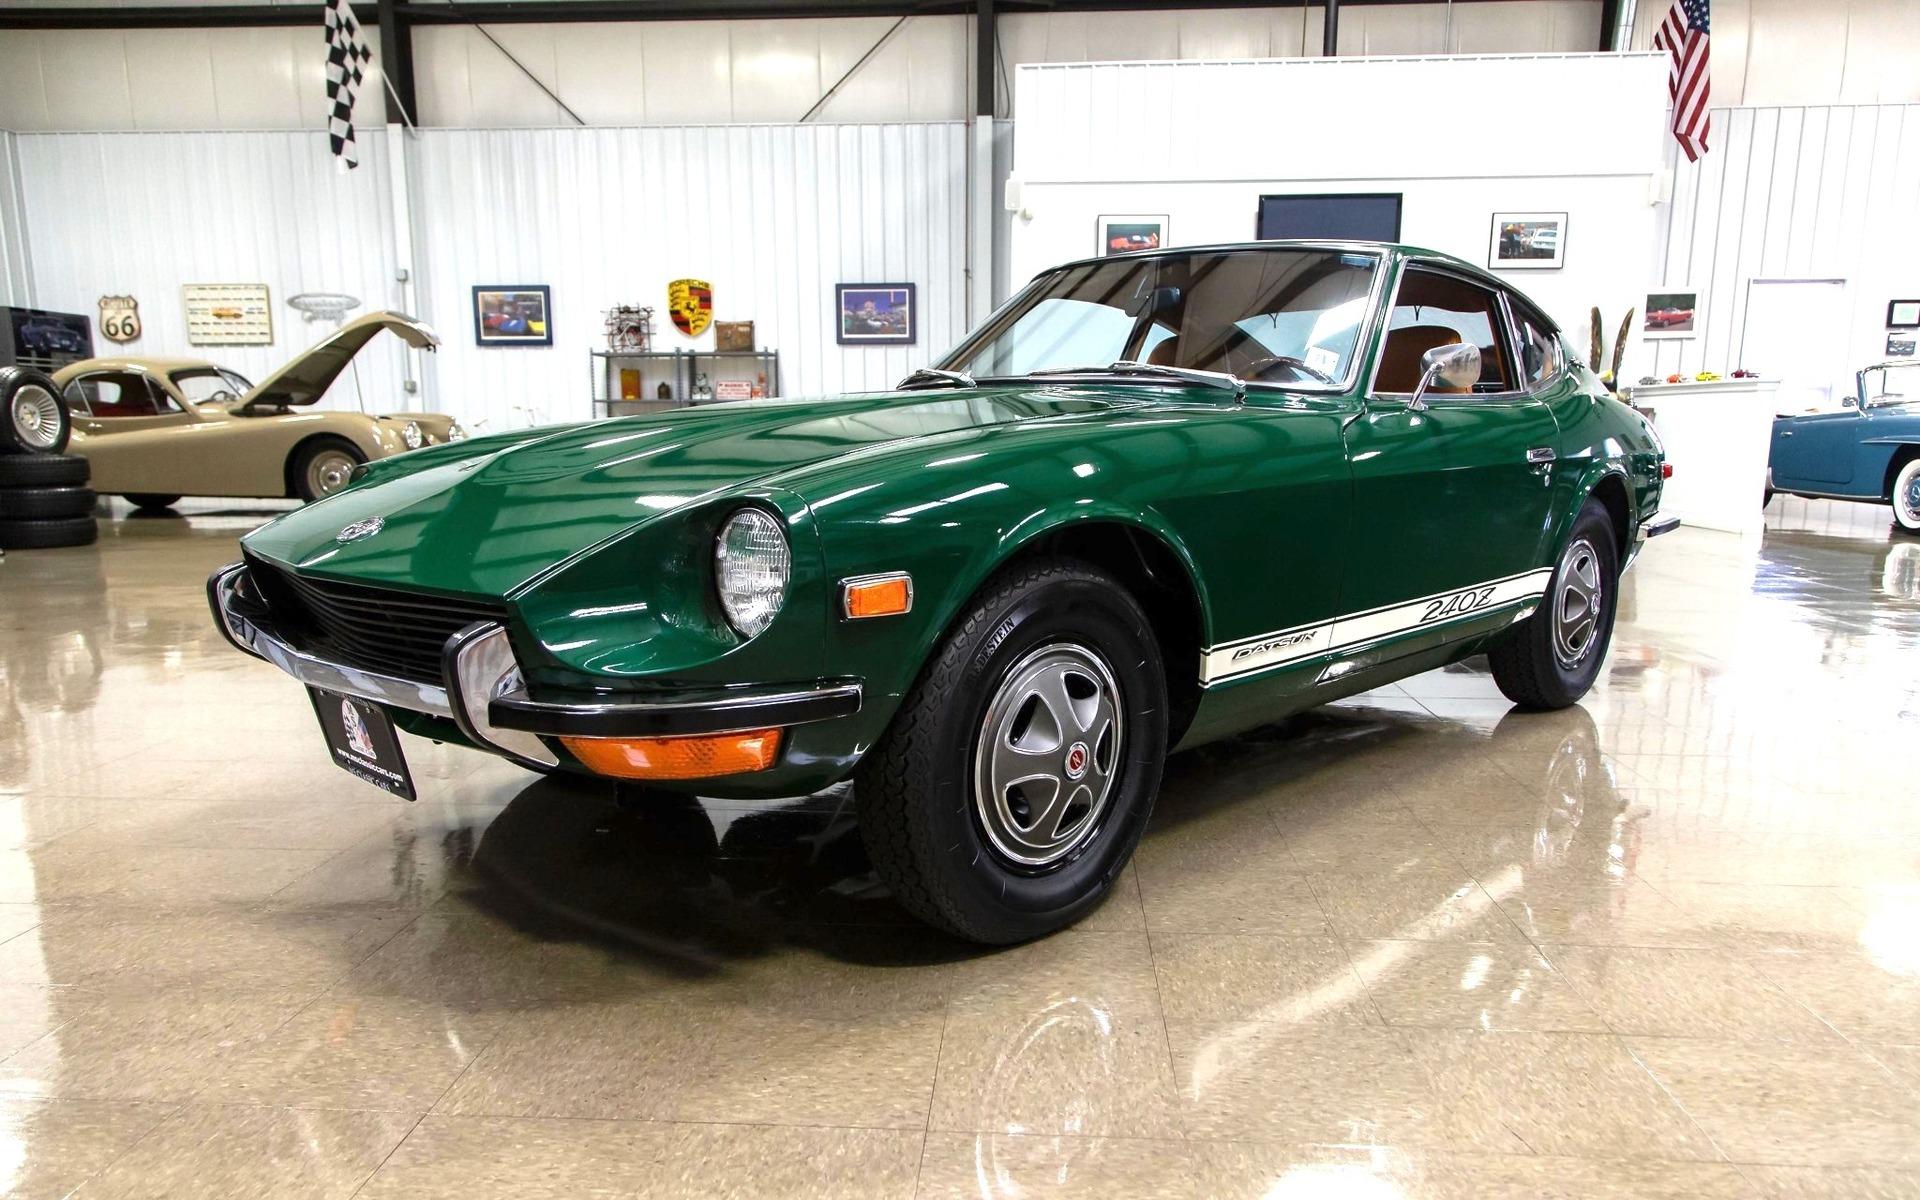 Cette vieille Datsun s'est vendue plus de 400 000 $ 408487_1971_Datsun